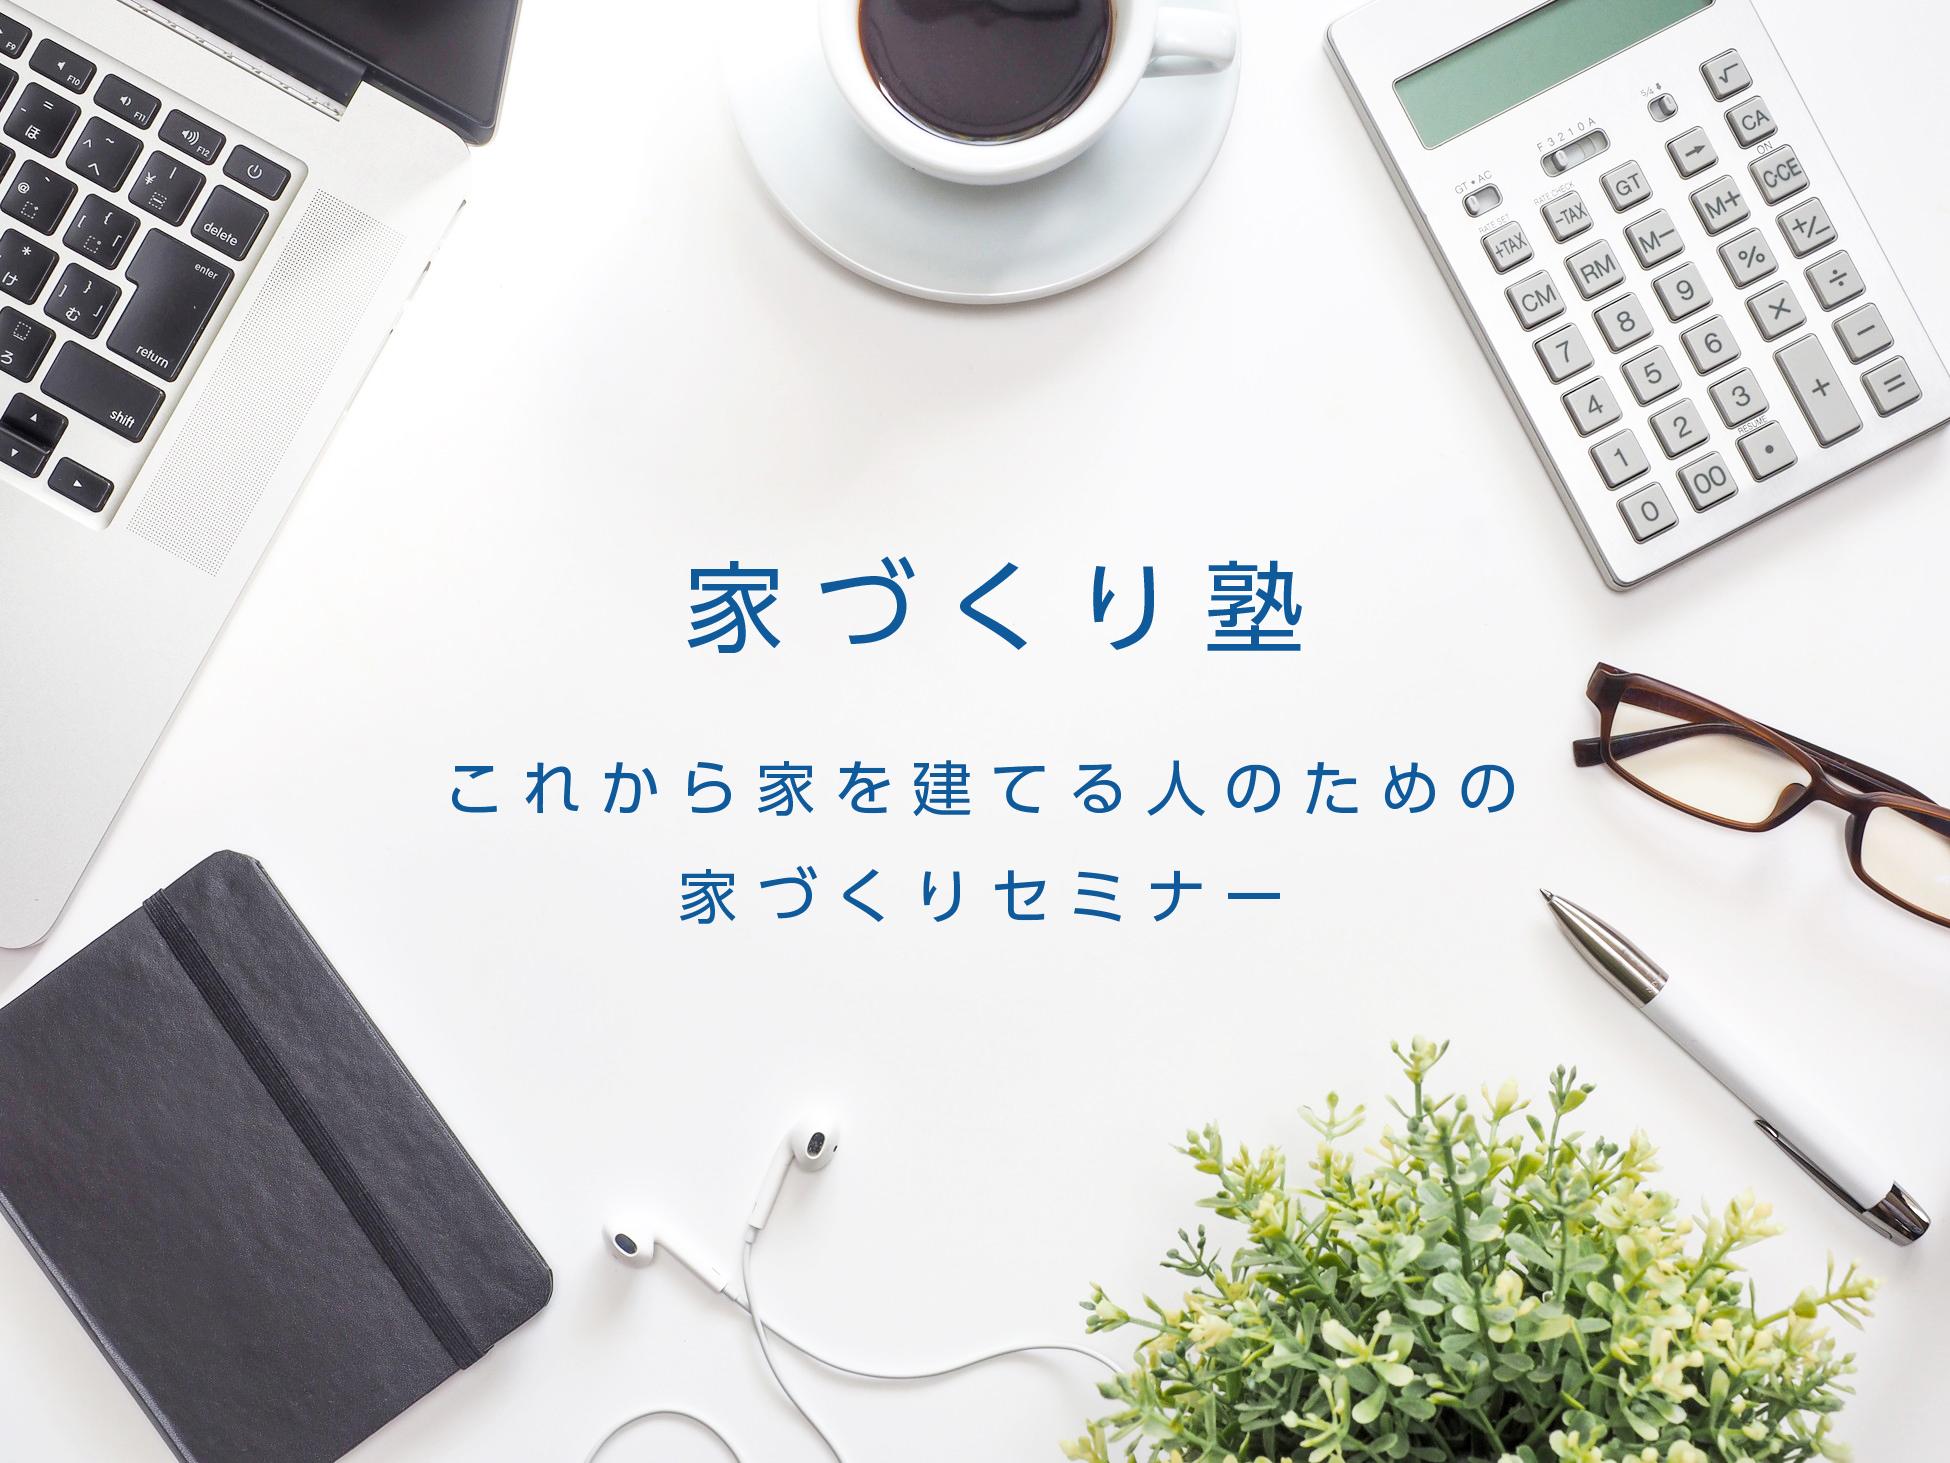 【家づくり塾】7月16日(日)滋賀県守山市